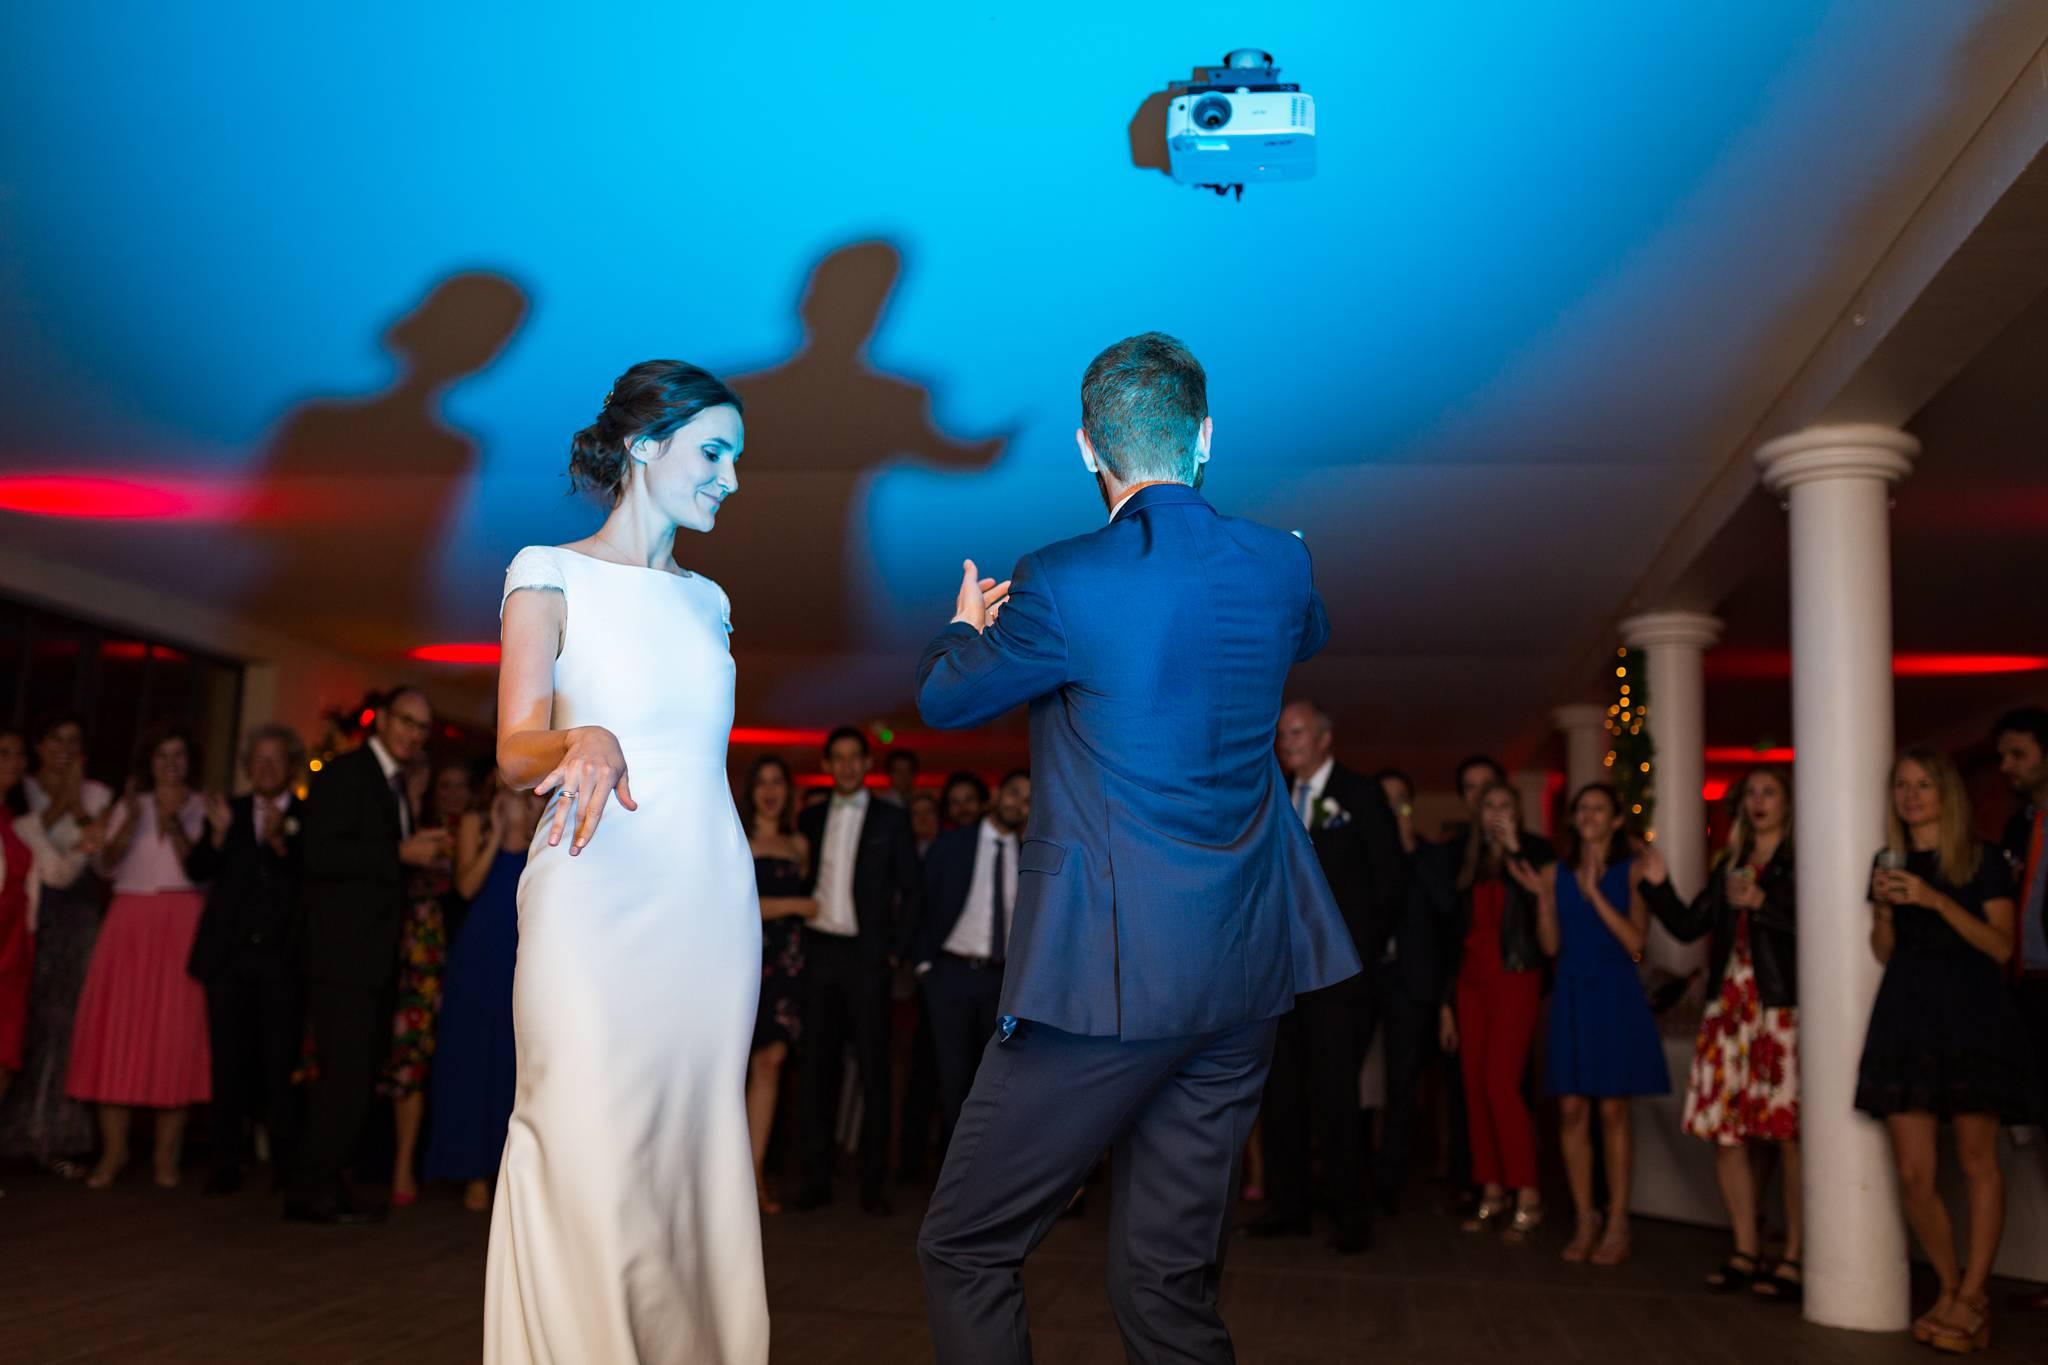 Reportage photos mariage de Hortense et Antoine au Palais Briau à Varades, à l'Abbatiale de Saint Florent-le-Vieil puis au Château de Vair à Anetz.